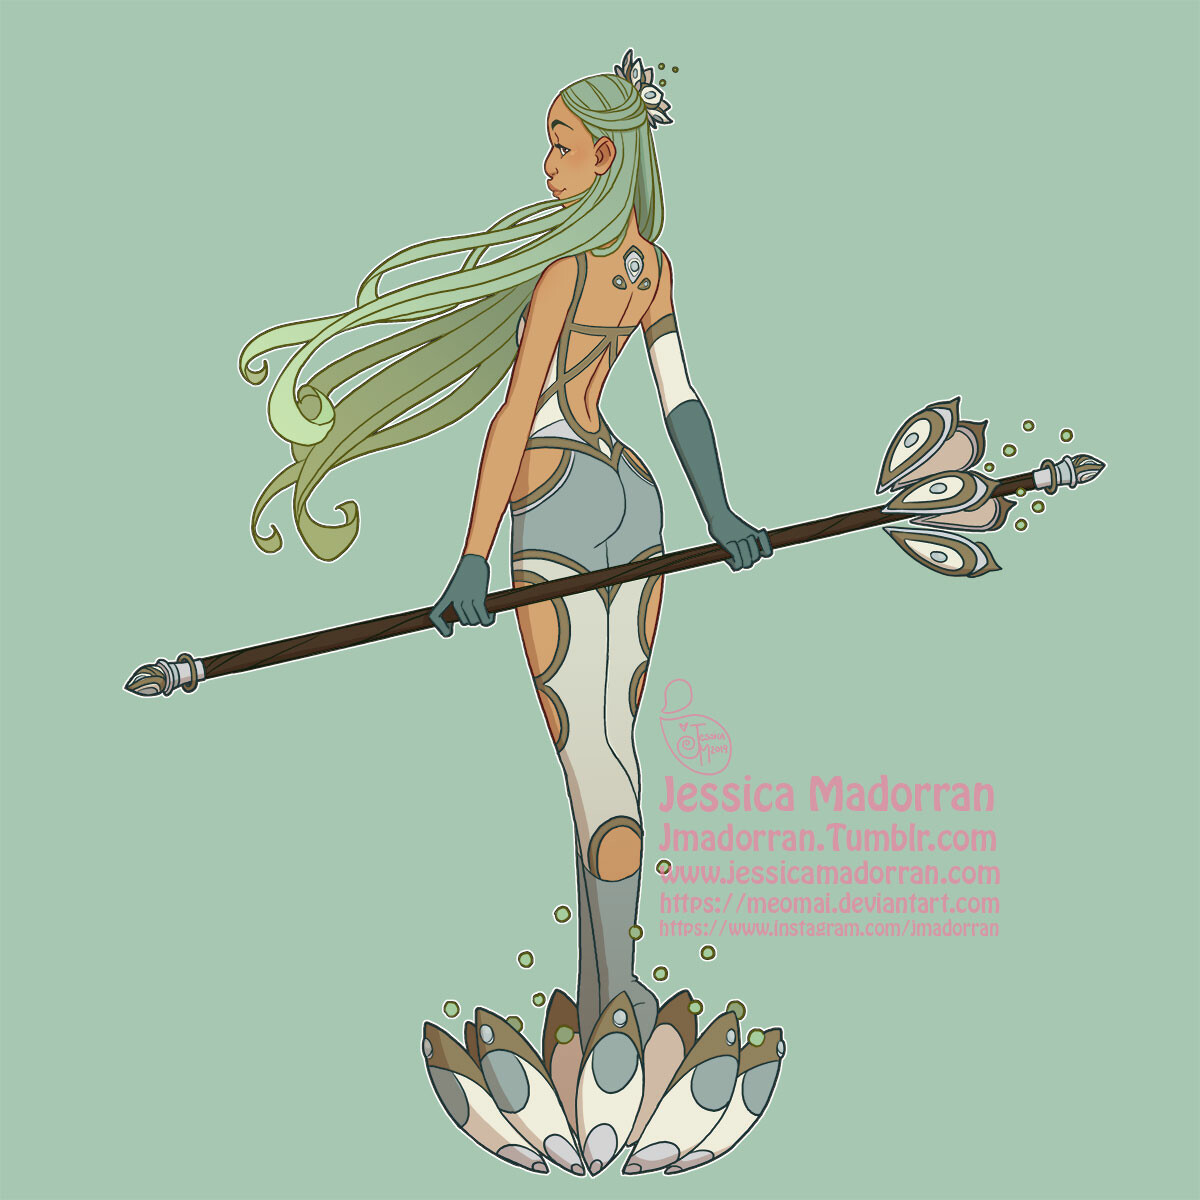 Jessica madorran character design redesign guardian queen 2019 artstation01